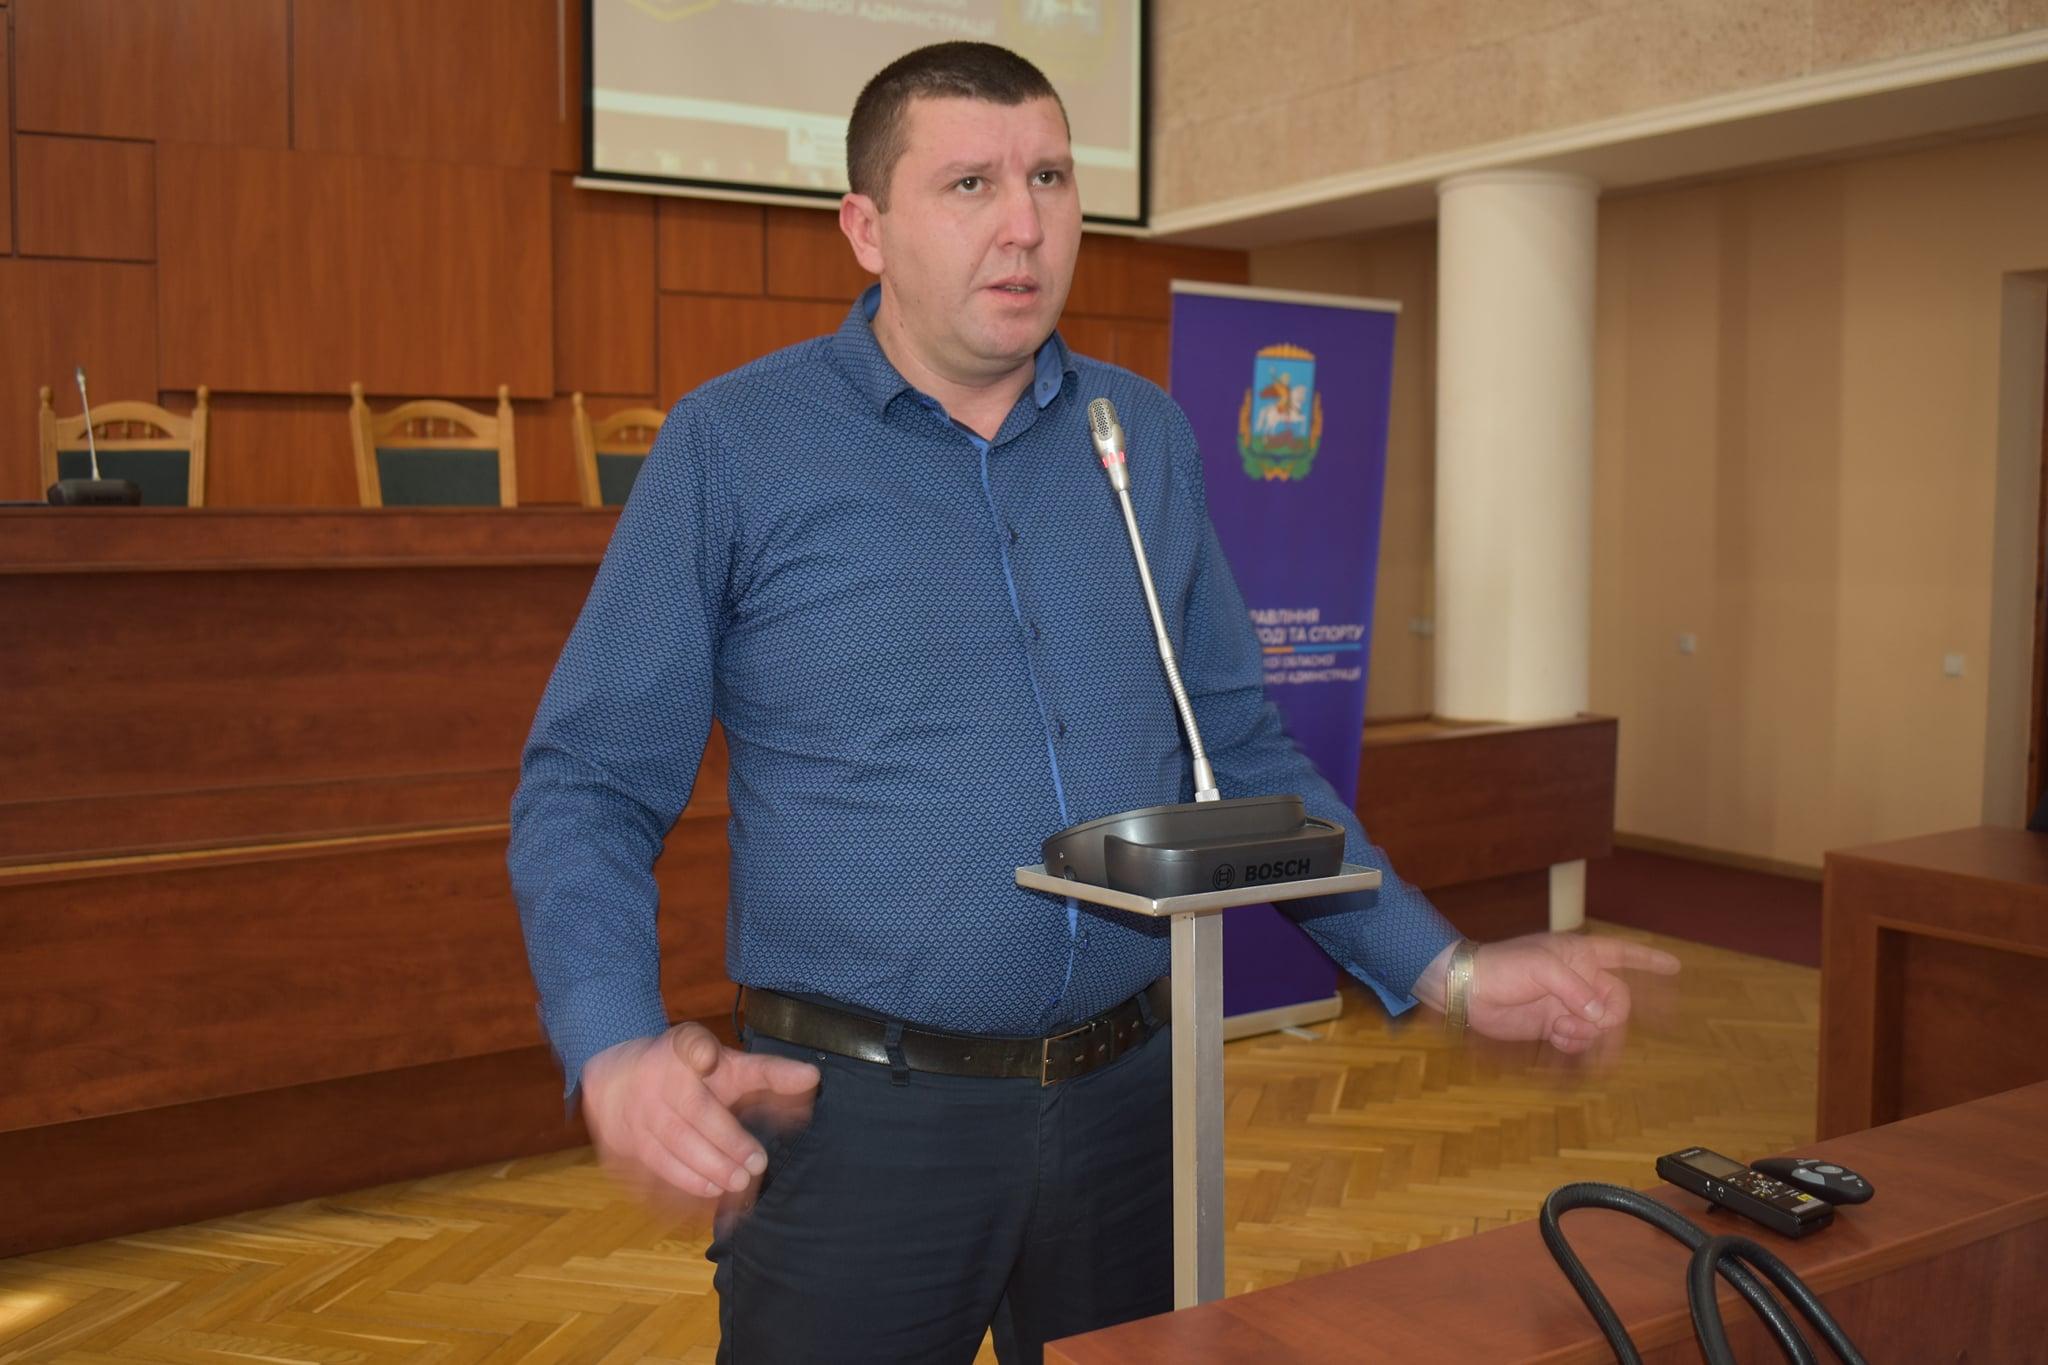 Денис Мірзоєв, керівник Київського обласного центру фізичного здоров'я населення «Спорт для всіх»